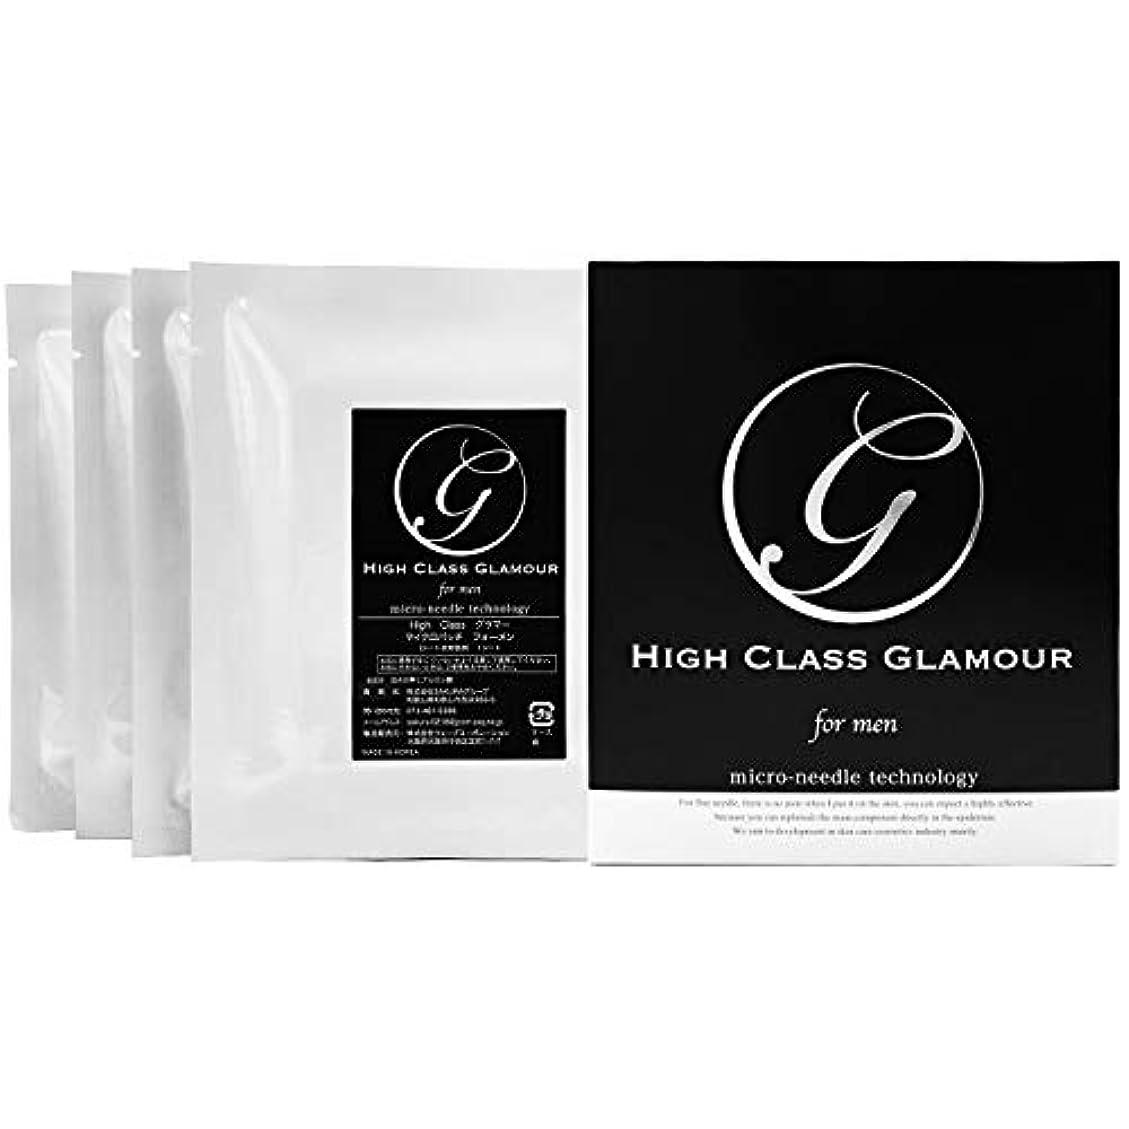 肥料寺院High class glamour メンズ マイクロパッチ 2枚×4セット (約1ヵ月分) 【悩めるオトコの肌に】